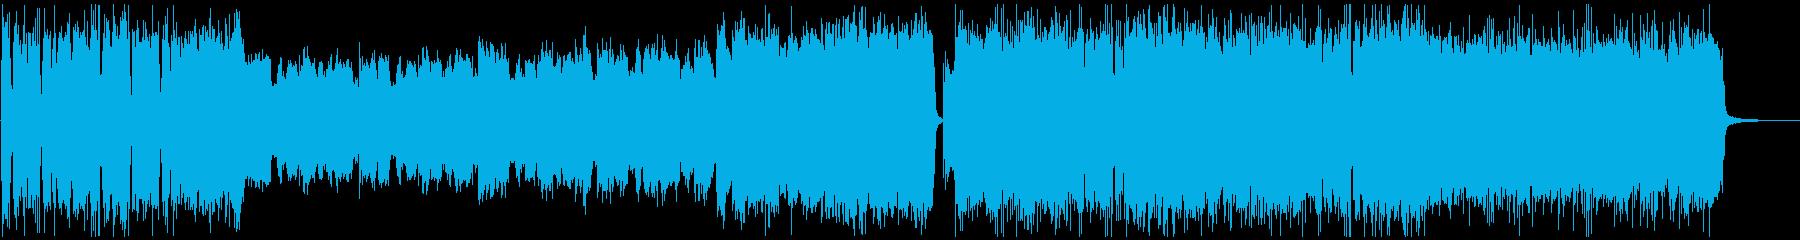 尺八と筝のヘヴィメタルの再生済みの波形